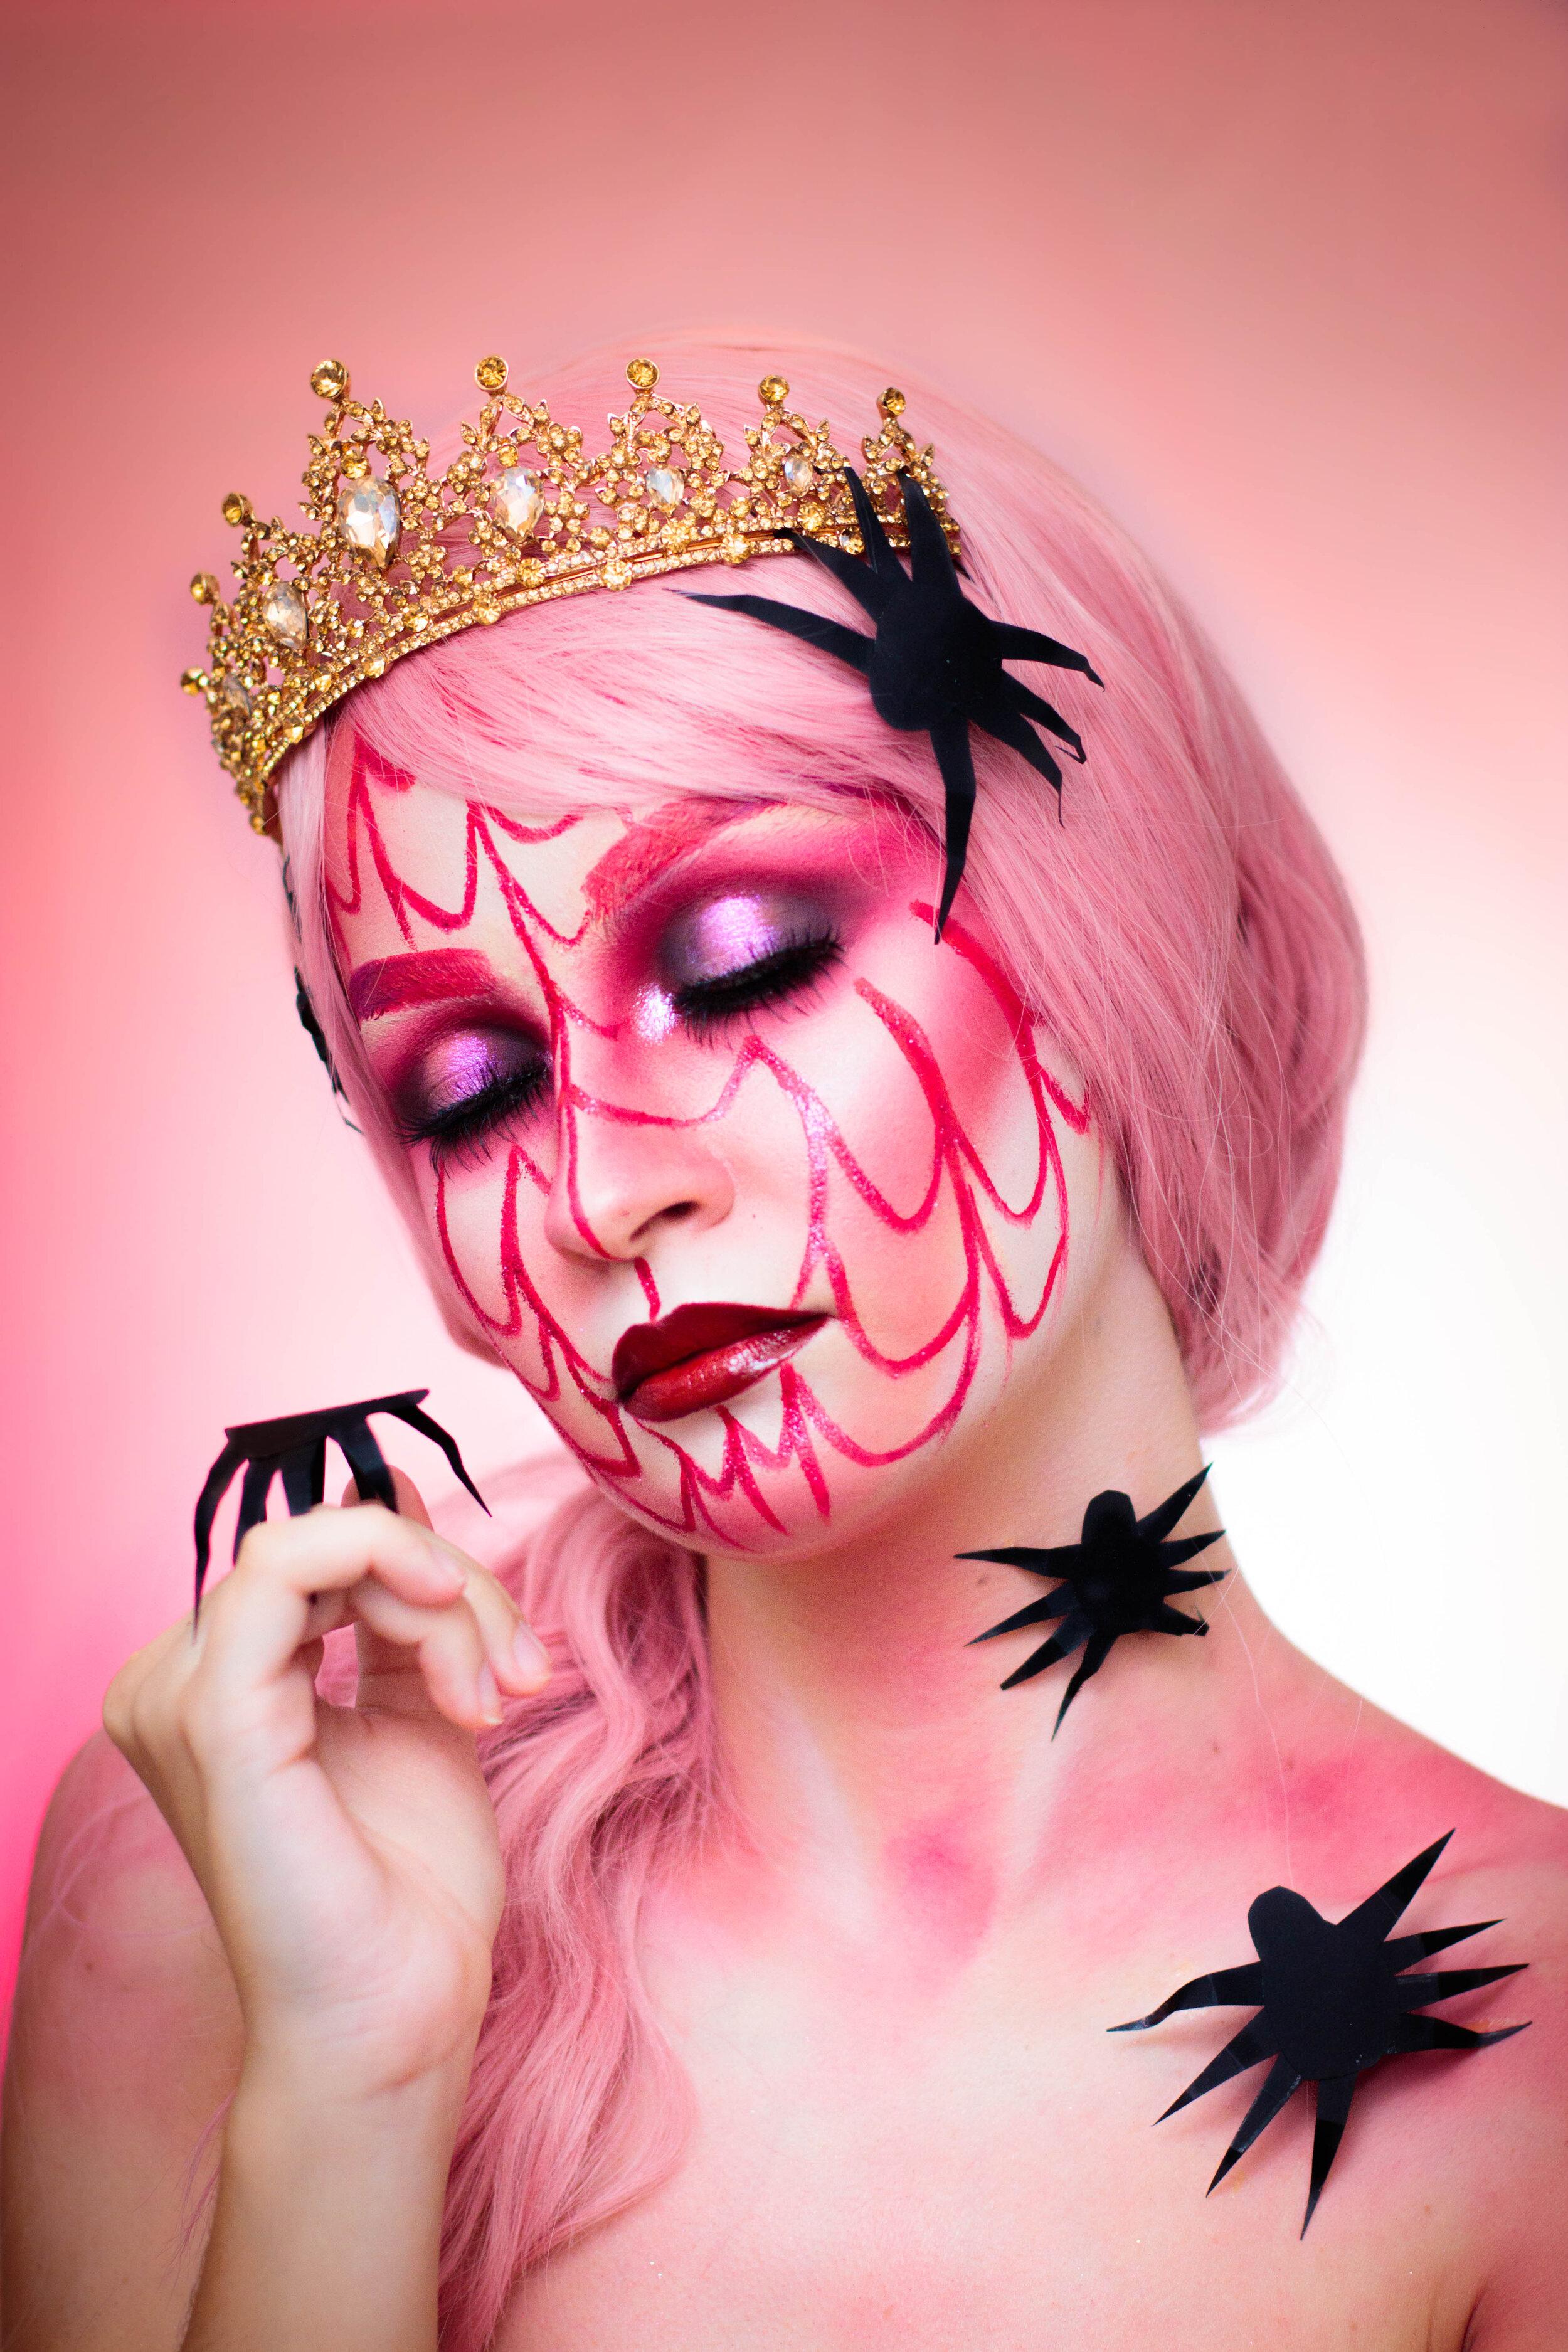 spider-queen-halloween-makeup-pauuulette-2.jpg